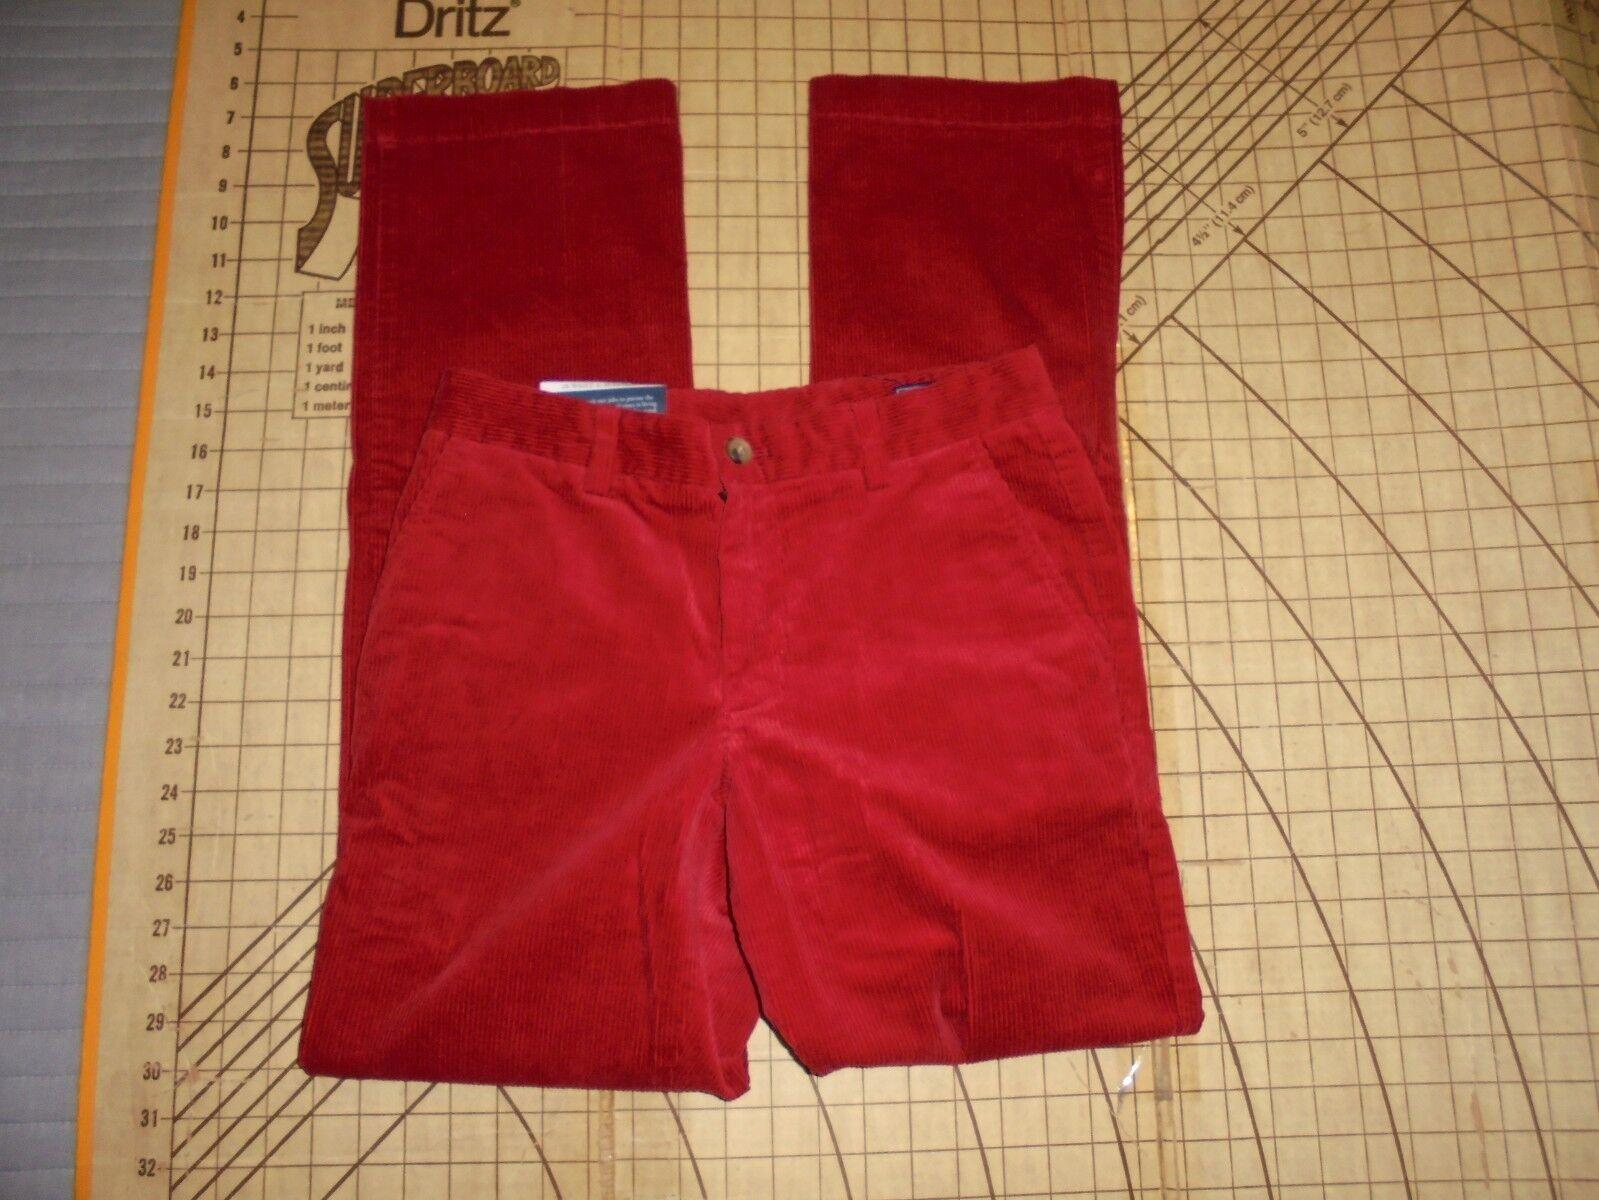 MENS SIZE 28-32 VINEYARD VINES CORDUROY DARK RED SLIM FIT BREAKER PANTS - NWT